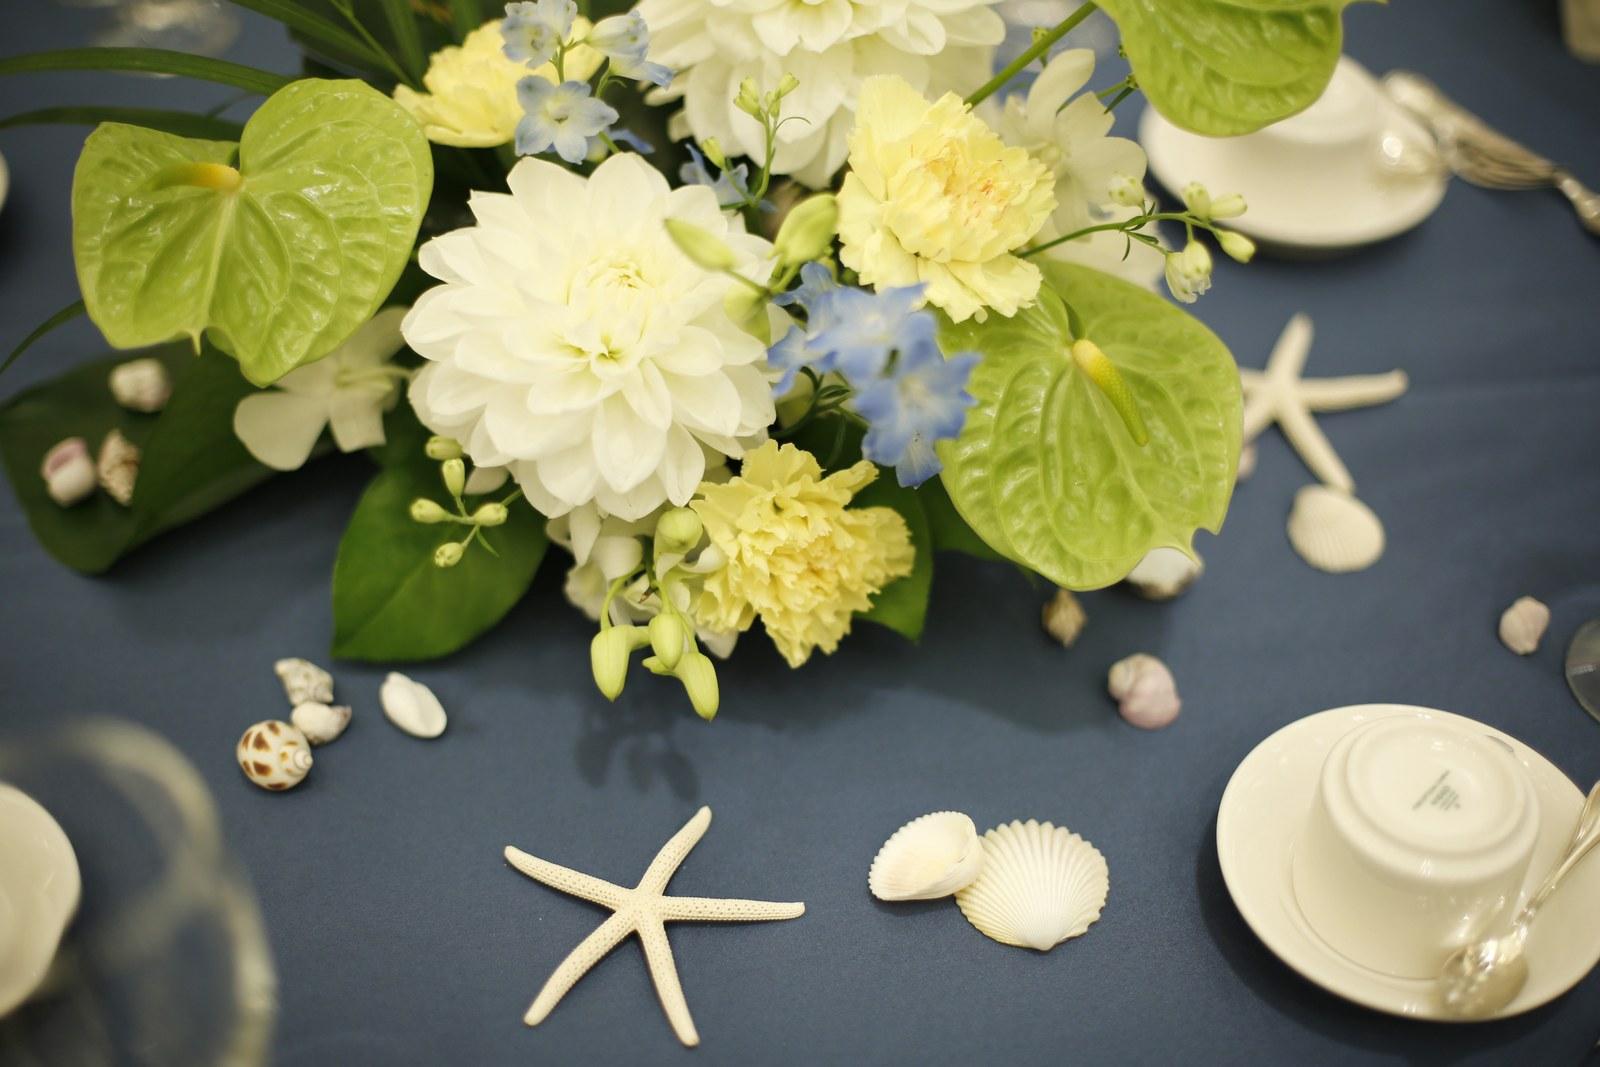 香川県の結婚式場シェルエメール&アイスタイル 会場装飾